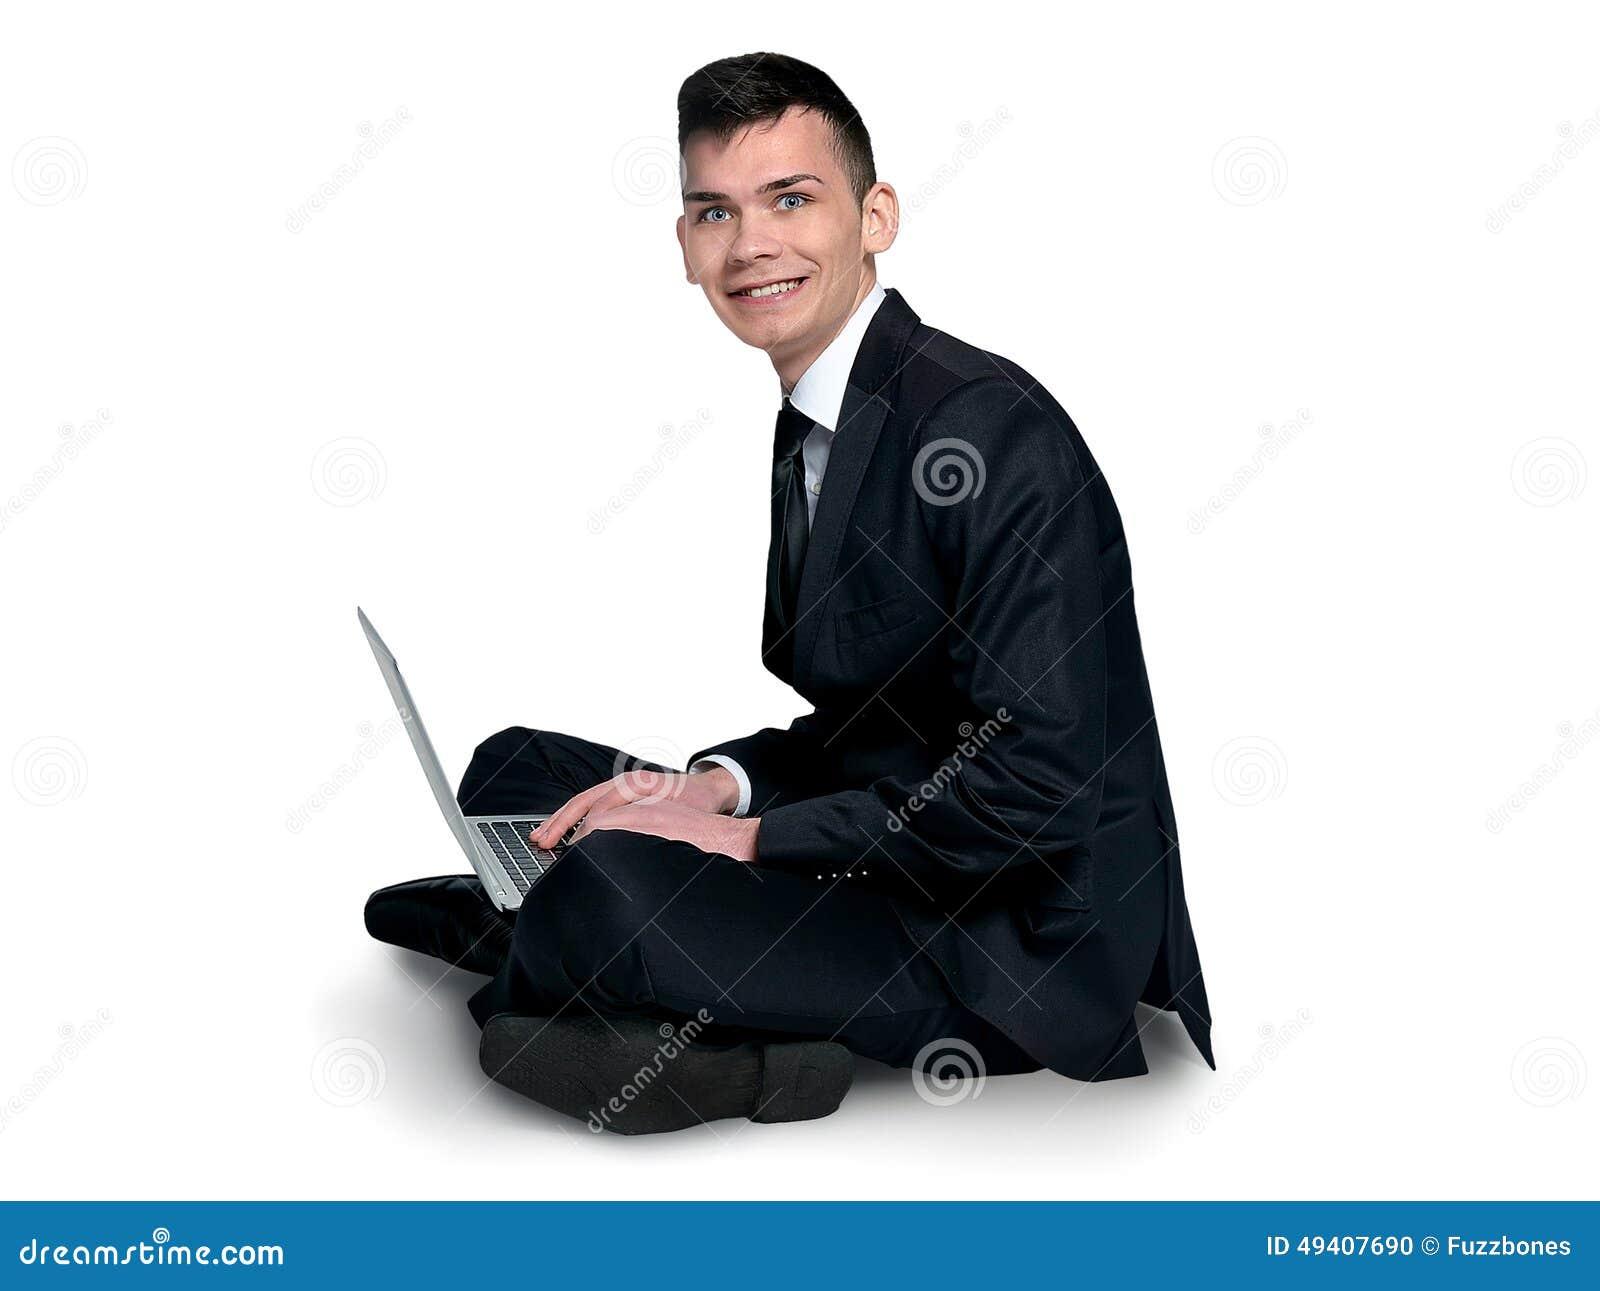 Download Mann, der Laptop verwendet stockfoto. Bild von erwachsener - 49407690